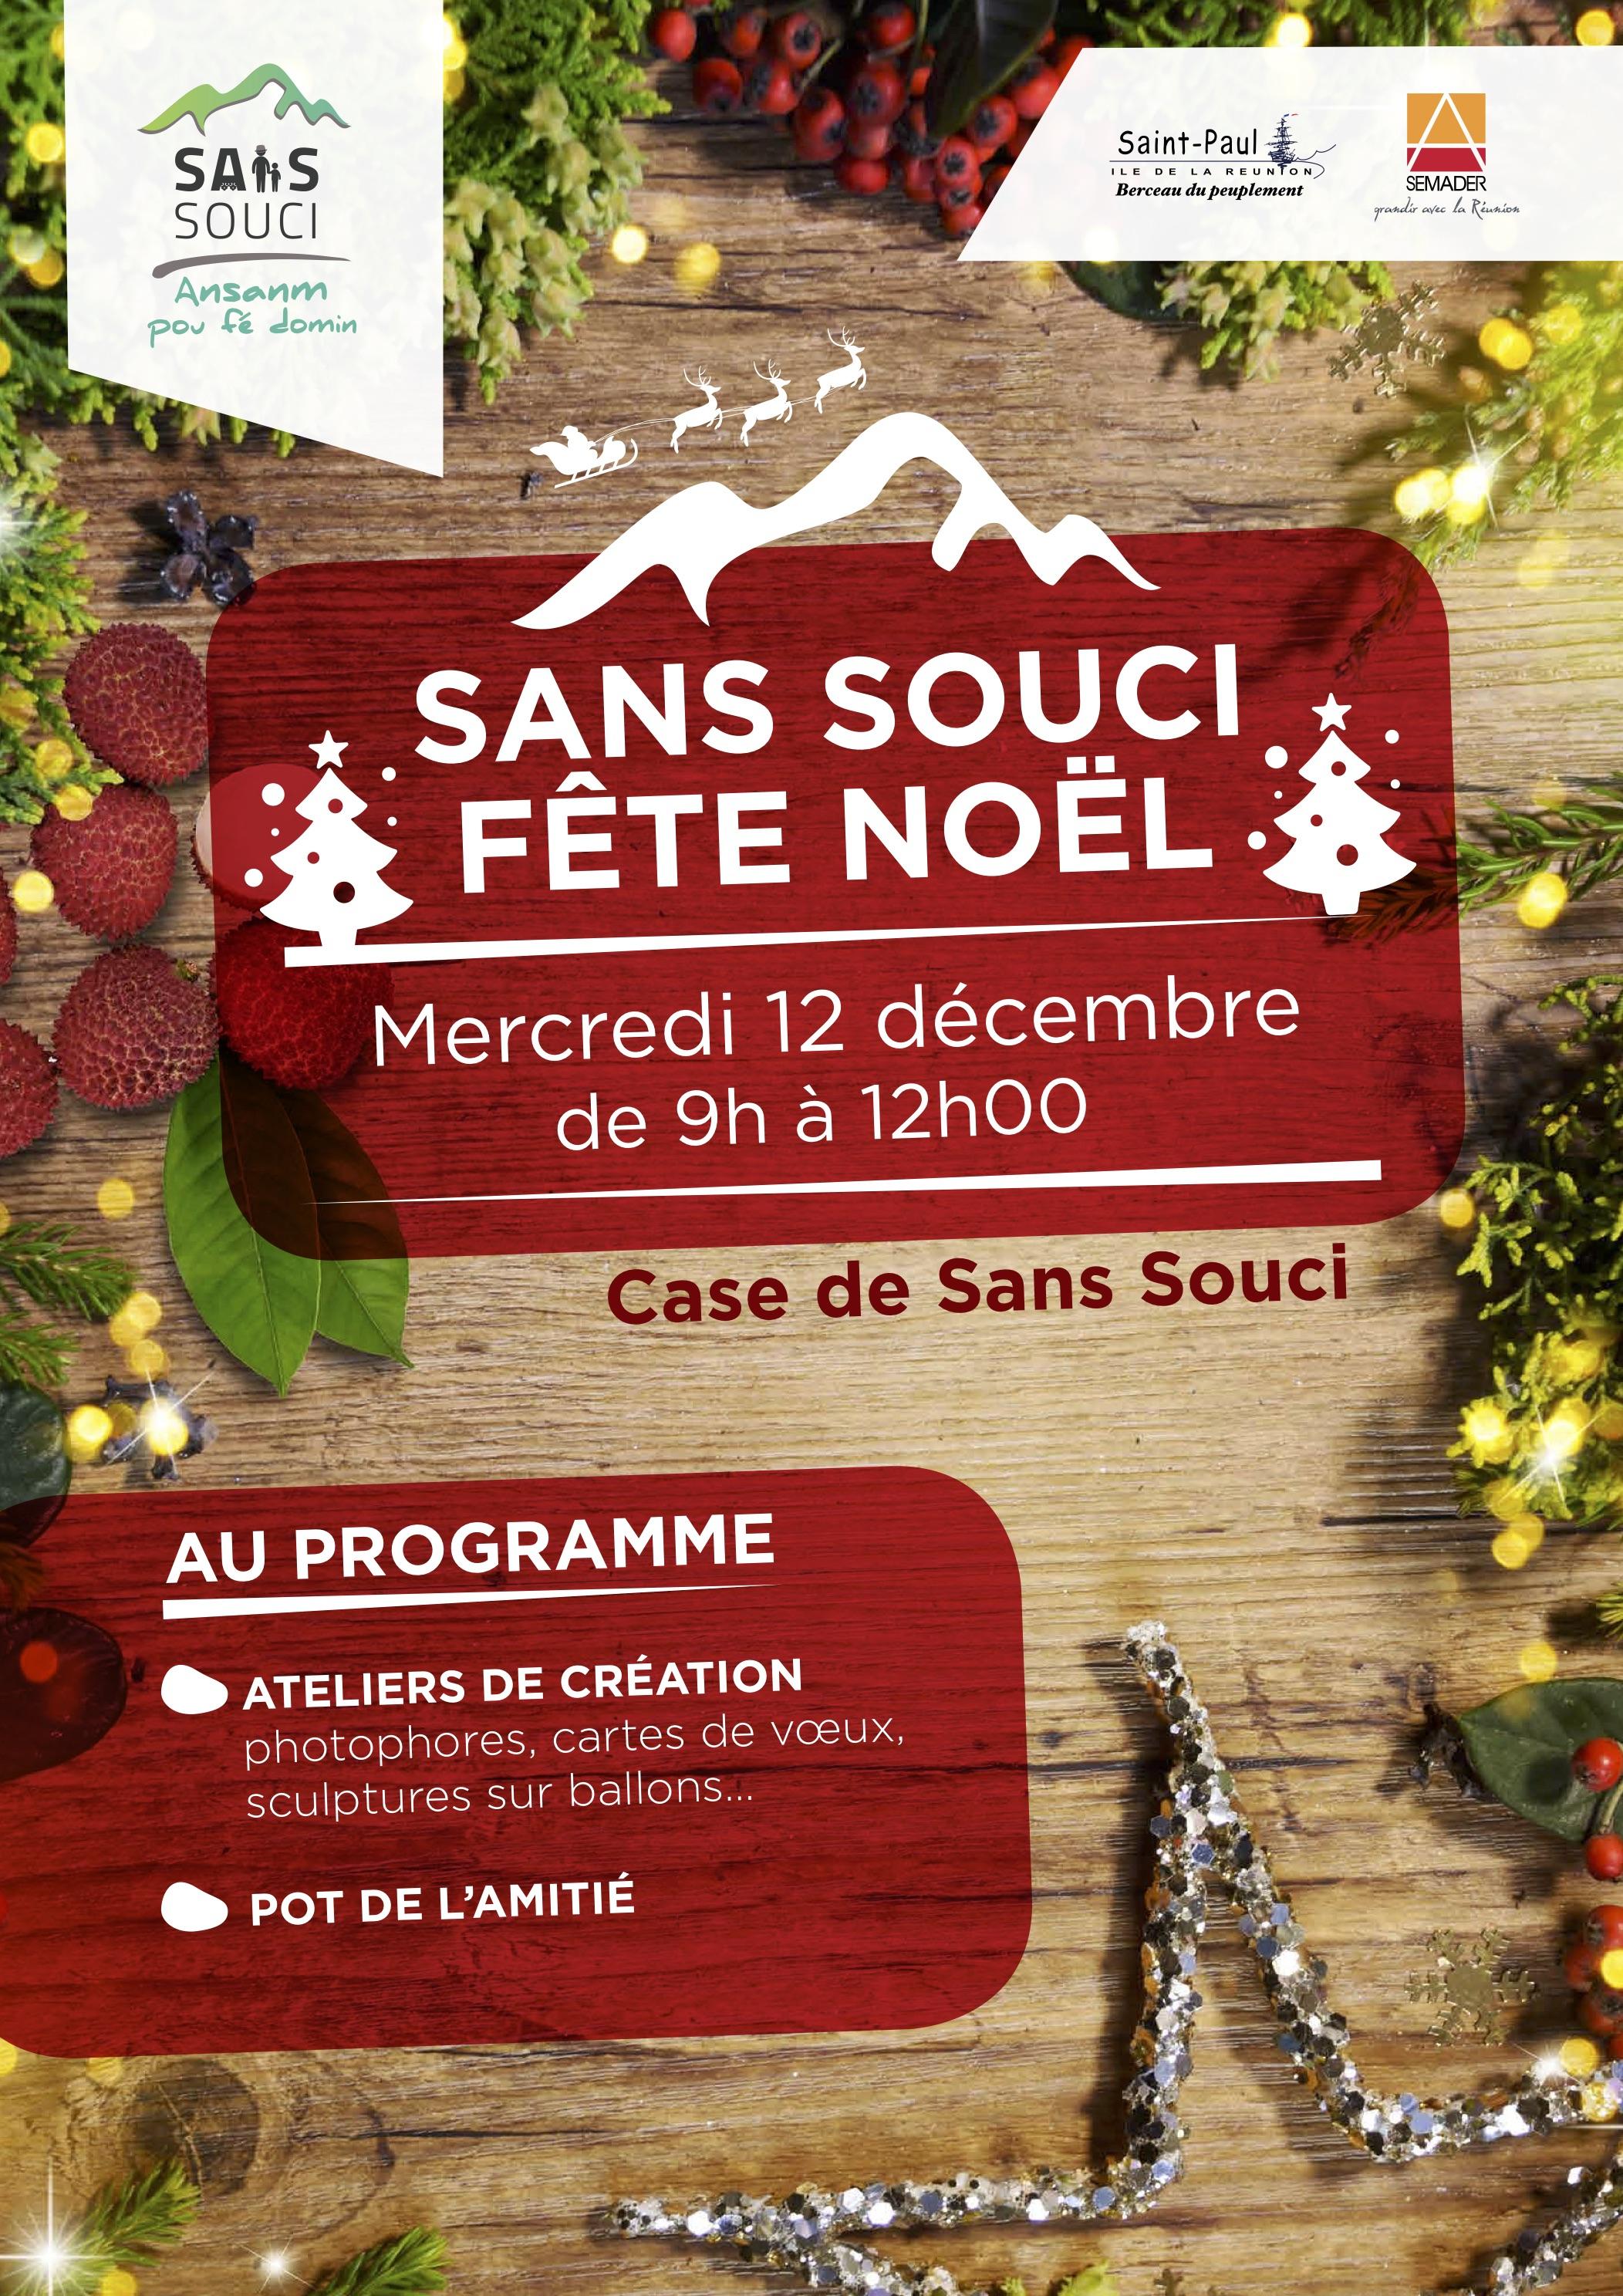 Sans Souci Fête Noël – Ville De Saint-Paul dedans Caillou Fete Noel